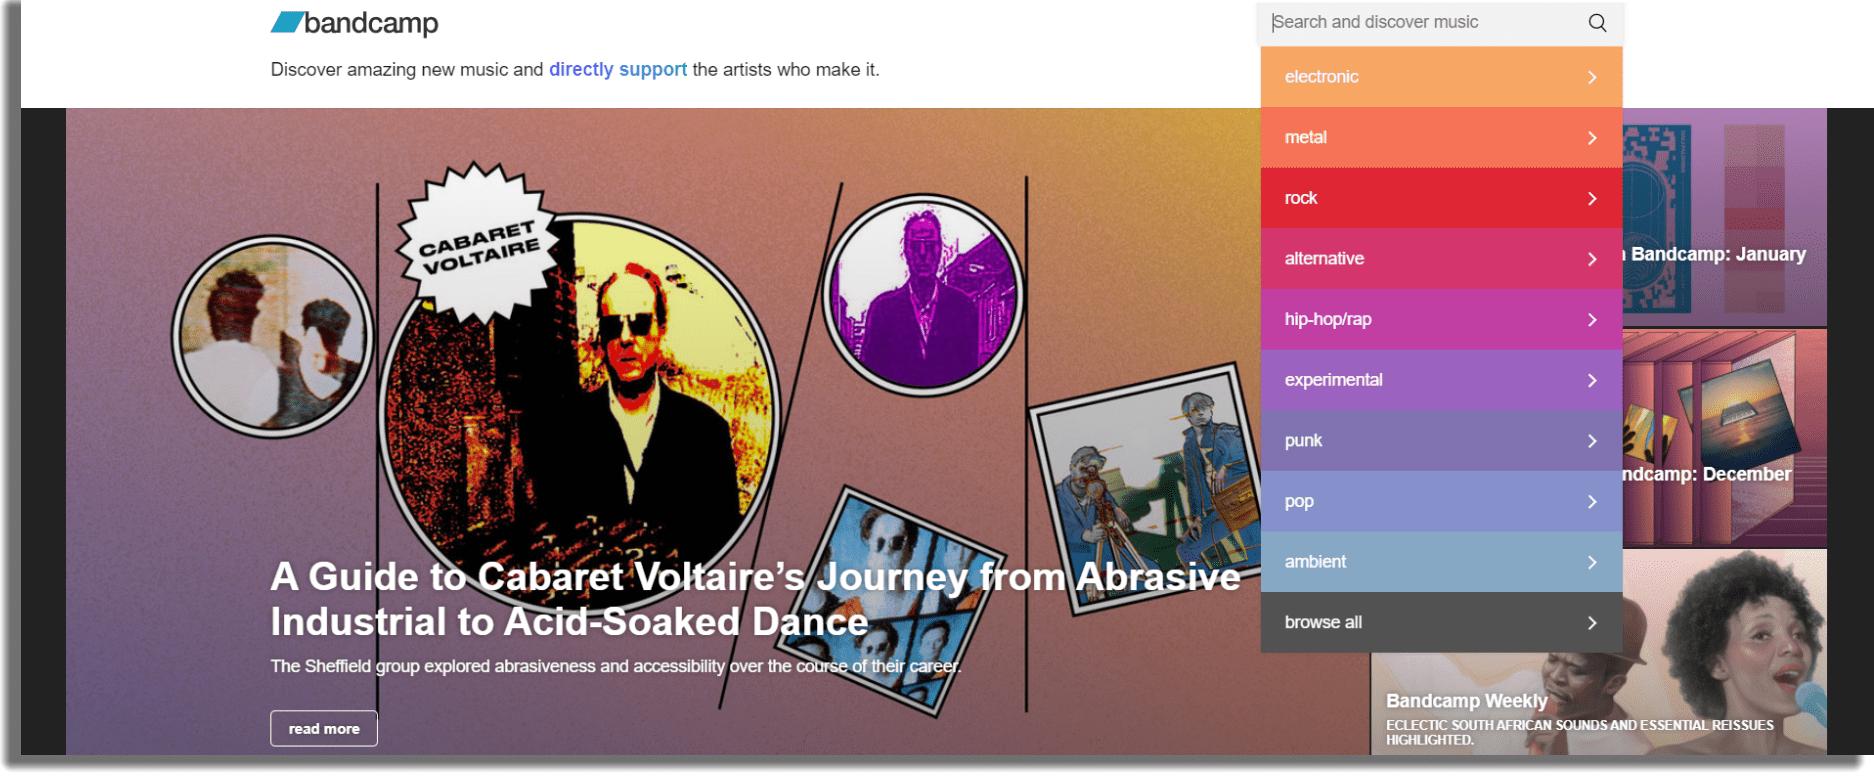 Bandcamp Sitios web para descargar música gratis